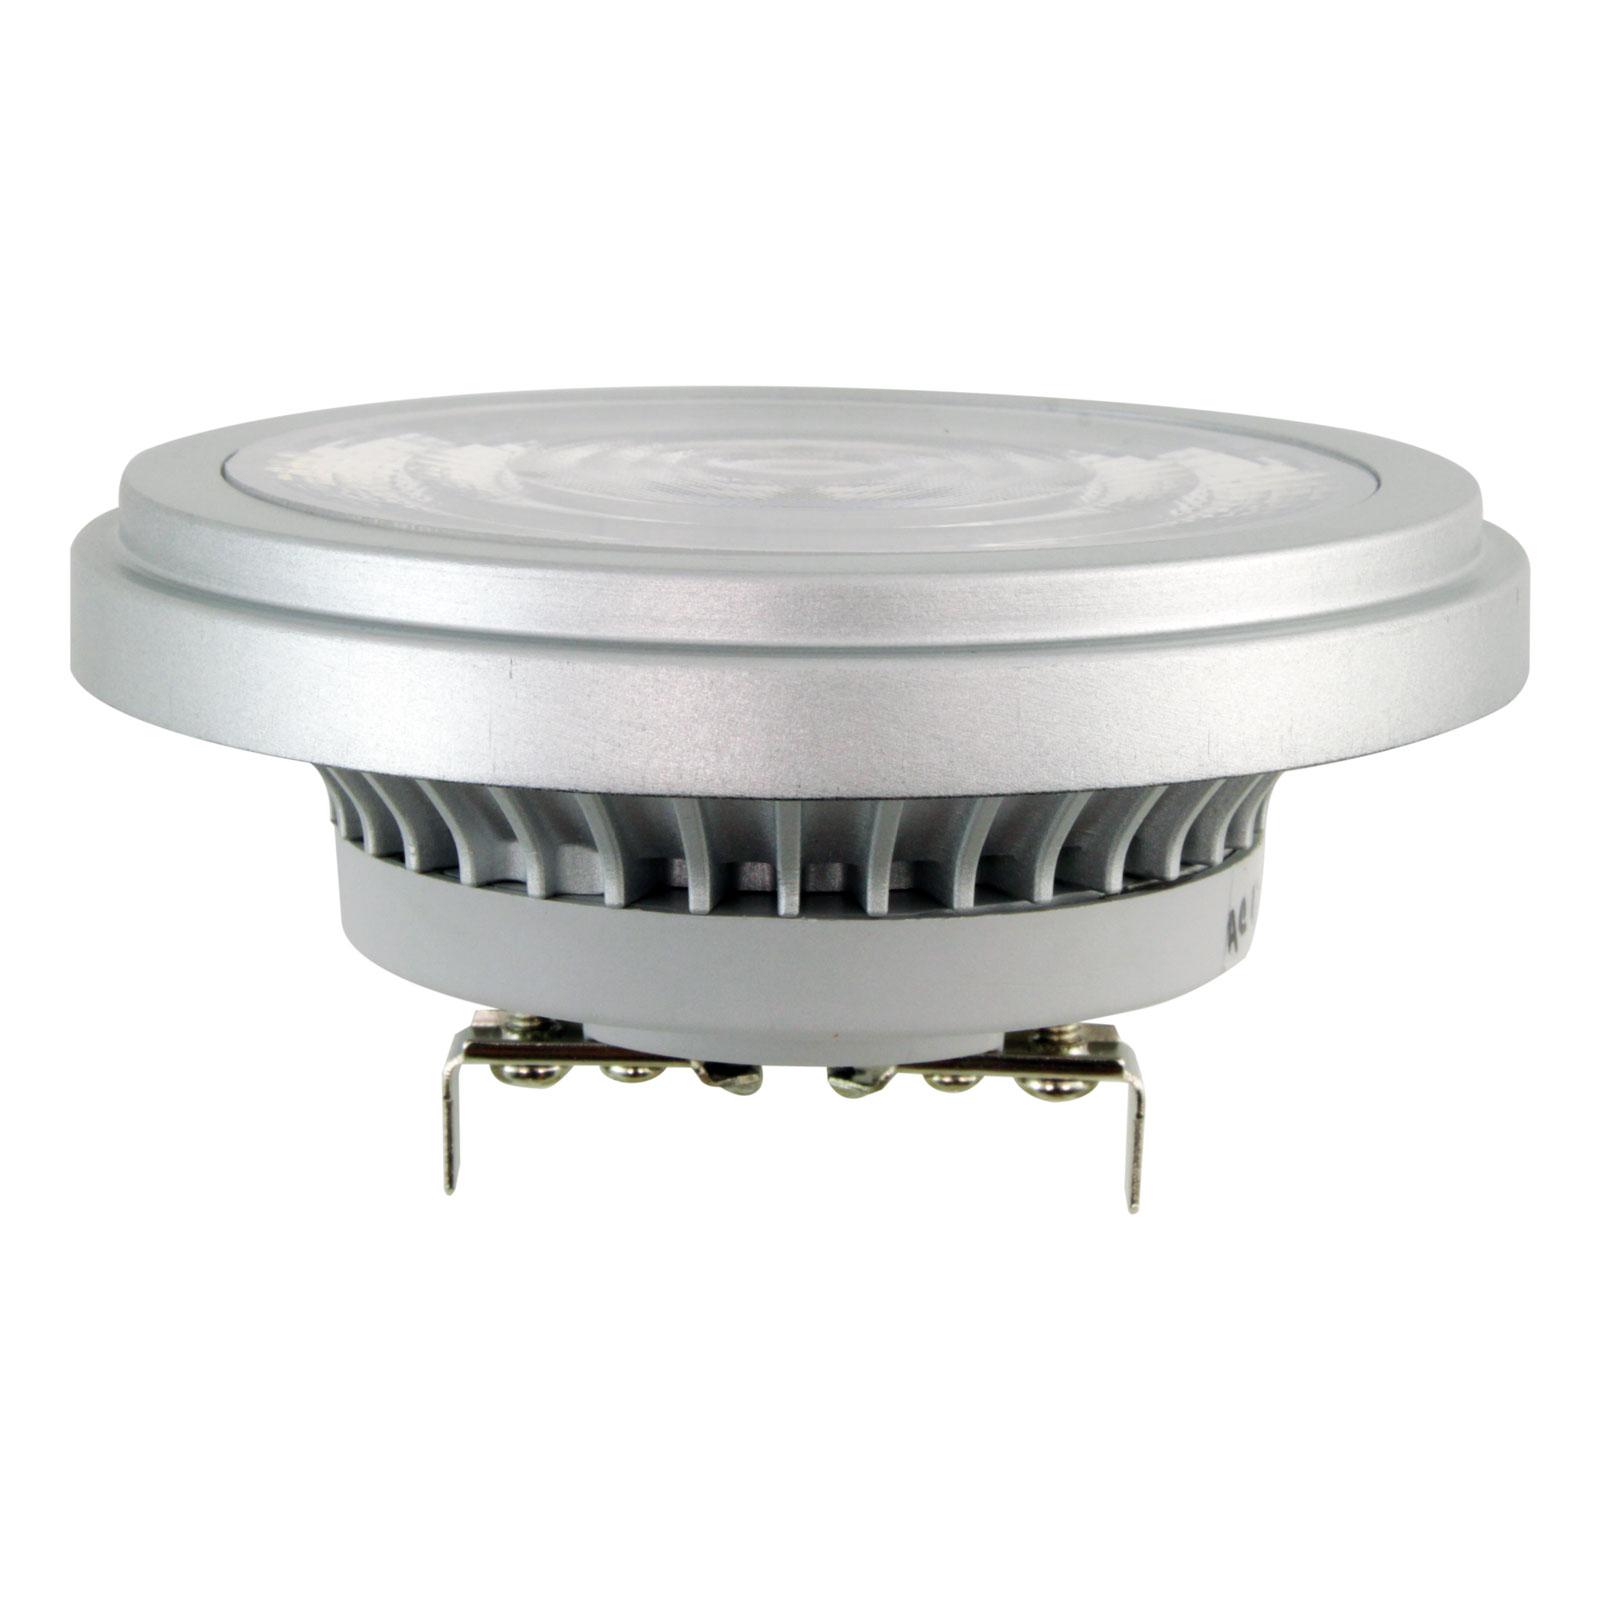 Żarówka LED G53 13W Dual Beam ciepła biel